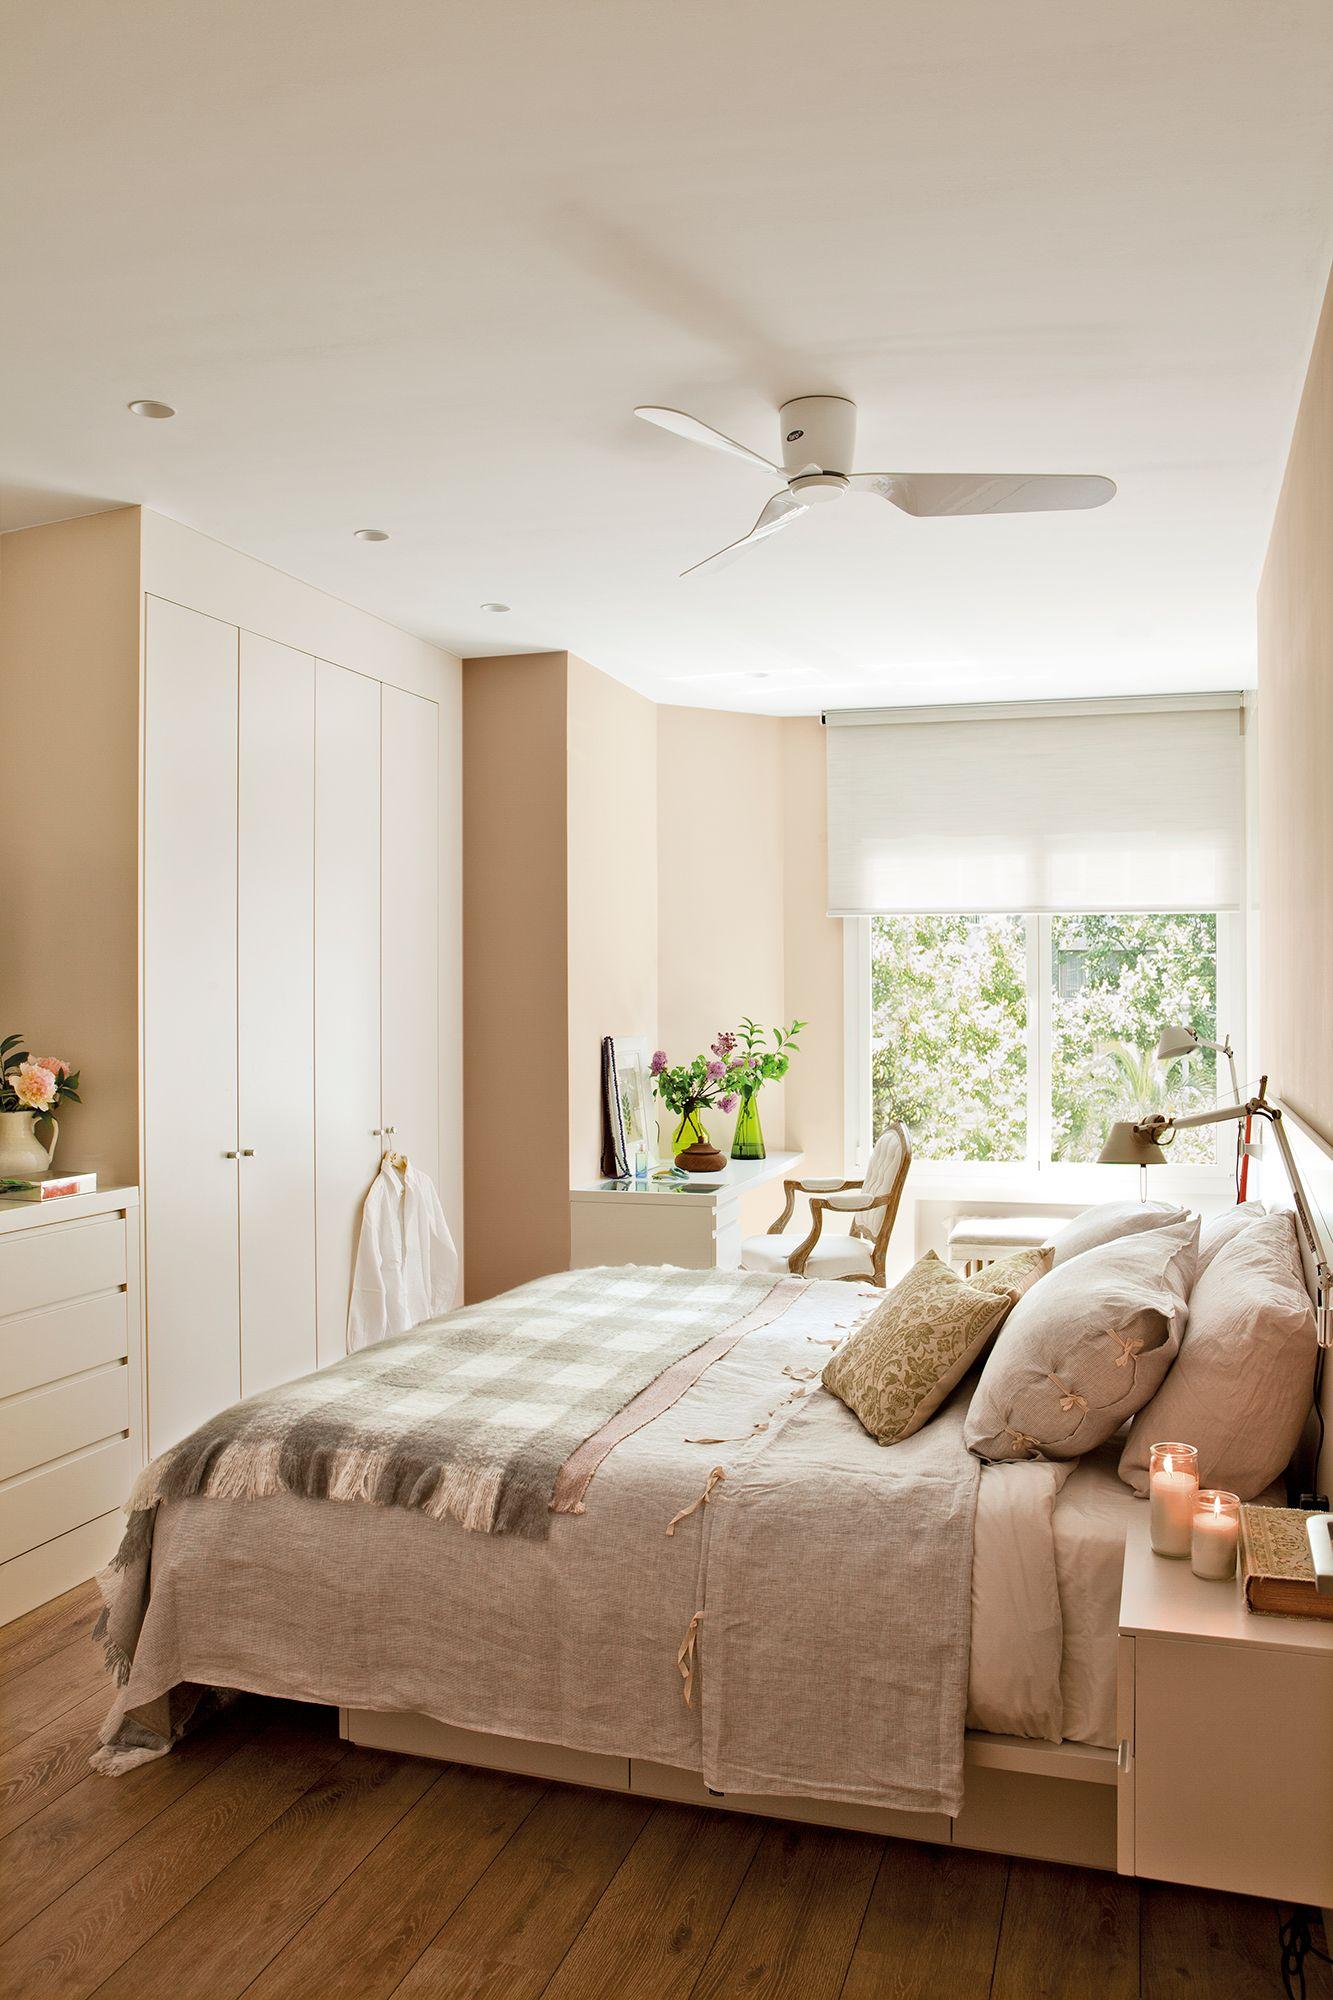 33 Un Armario Xl A Pie De Cama Dormitorios Decoraciones De Dormitorio Decorar Dormitorio Matrimonio